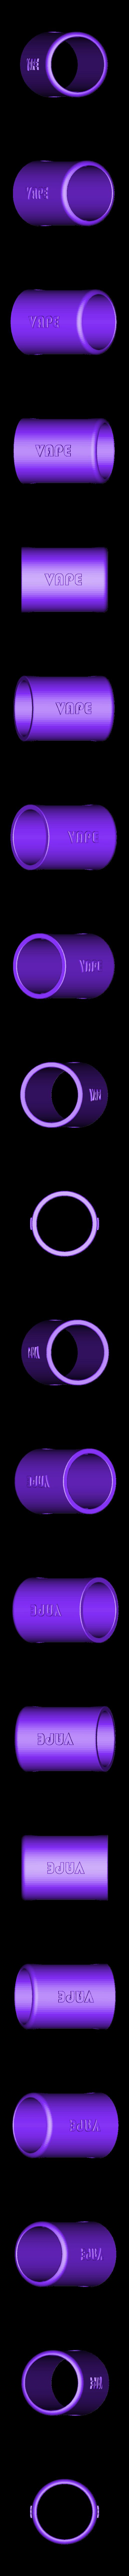 JUSTFOG J-EASY 9 E-Cig Atomizer Protection.stl Télécharger fichier STL gratuit JUSTFOG J-EASY 9 E-Cig Cover & Atomizer Protection • Modèle pour impression 3D, ea3dp